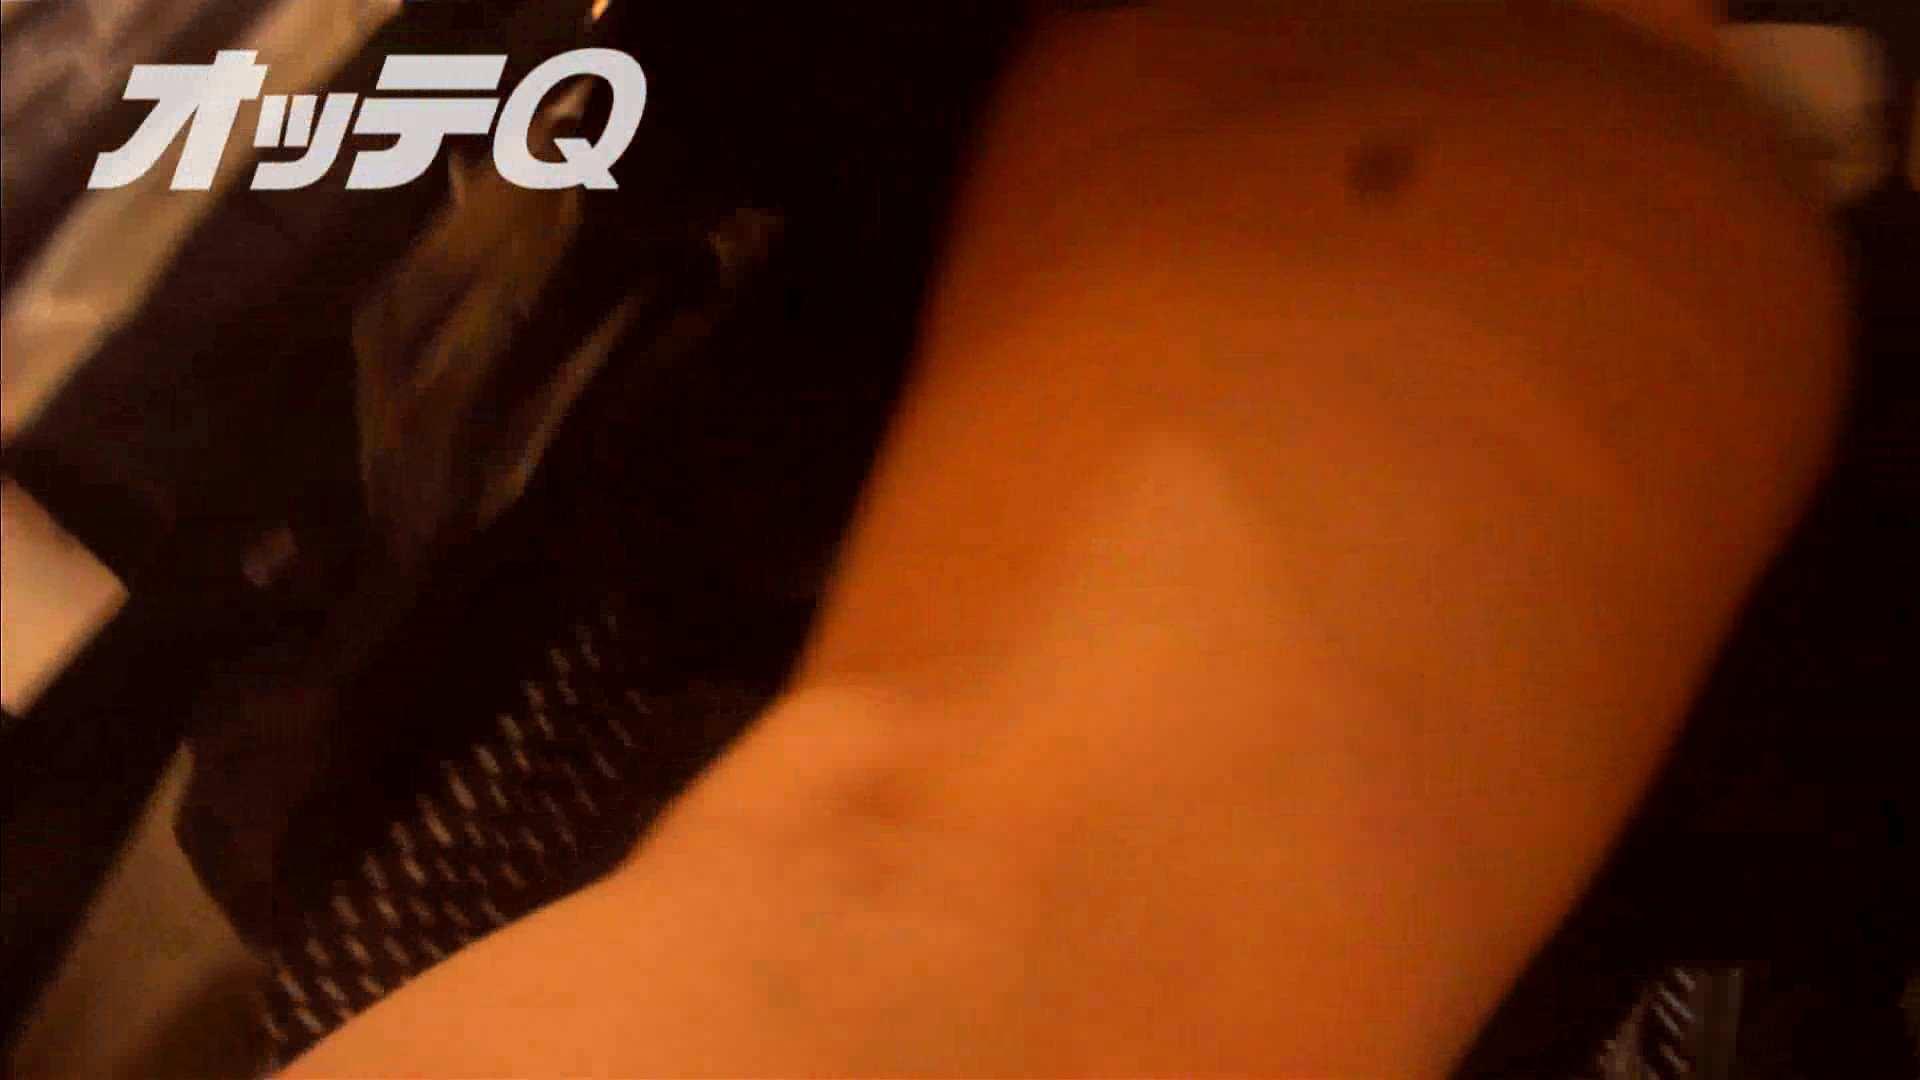 ハイビジョンパンチラ オッテQさんの追跡パンチラデパート編VOL.03 パンツ AV無料動画キャプチャ 90pic 61